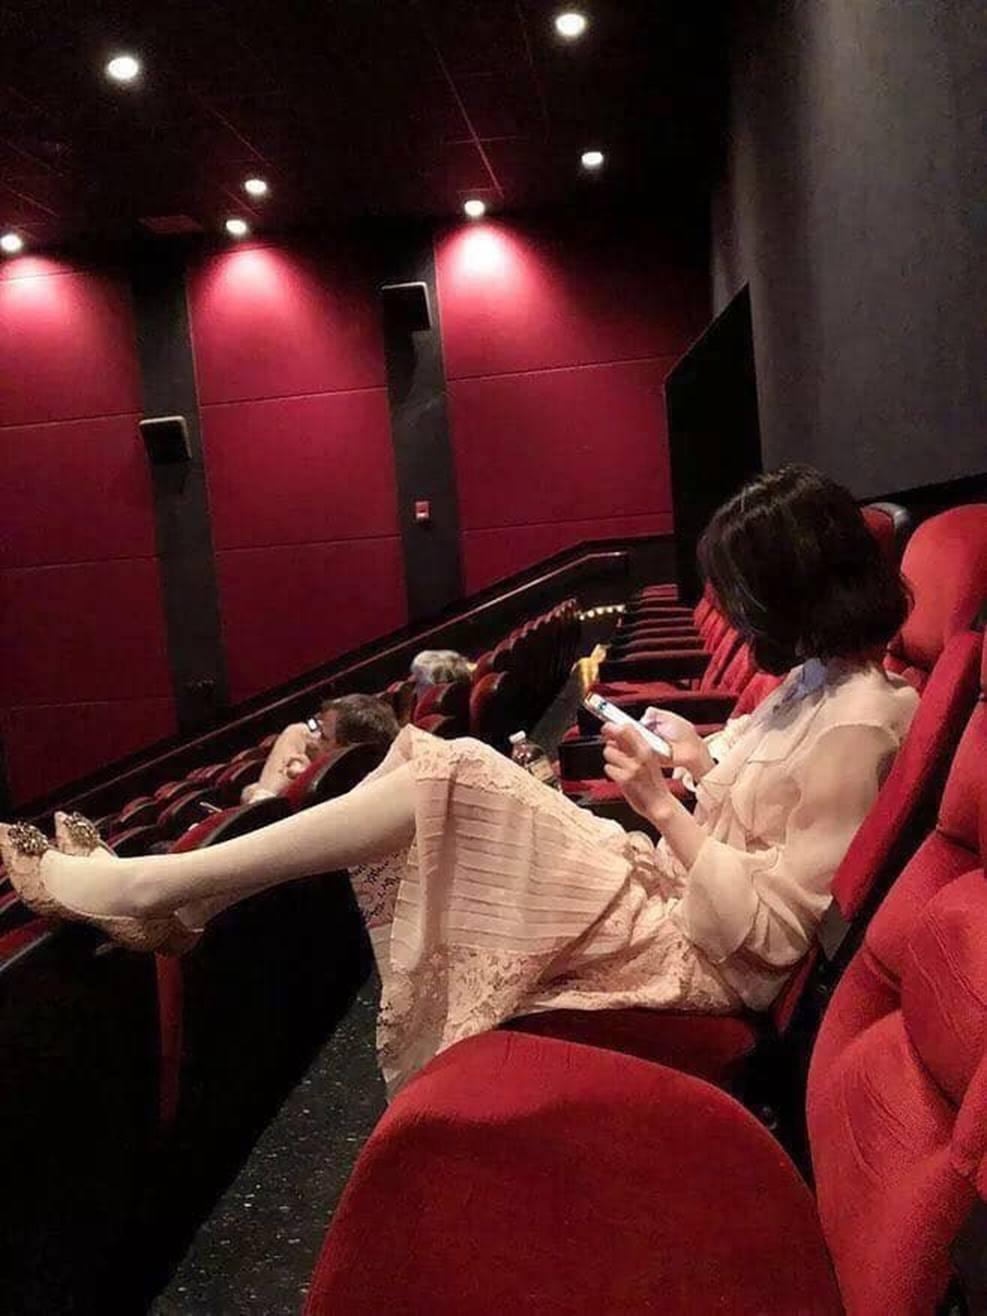 Gái xinh đi xem phim tháo cả giày gác chân lên ghế trước, dân mạng người ném đá kẻ bênh: Đẹp auto không có lỗi?-2